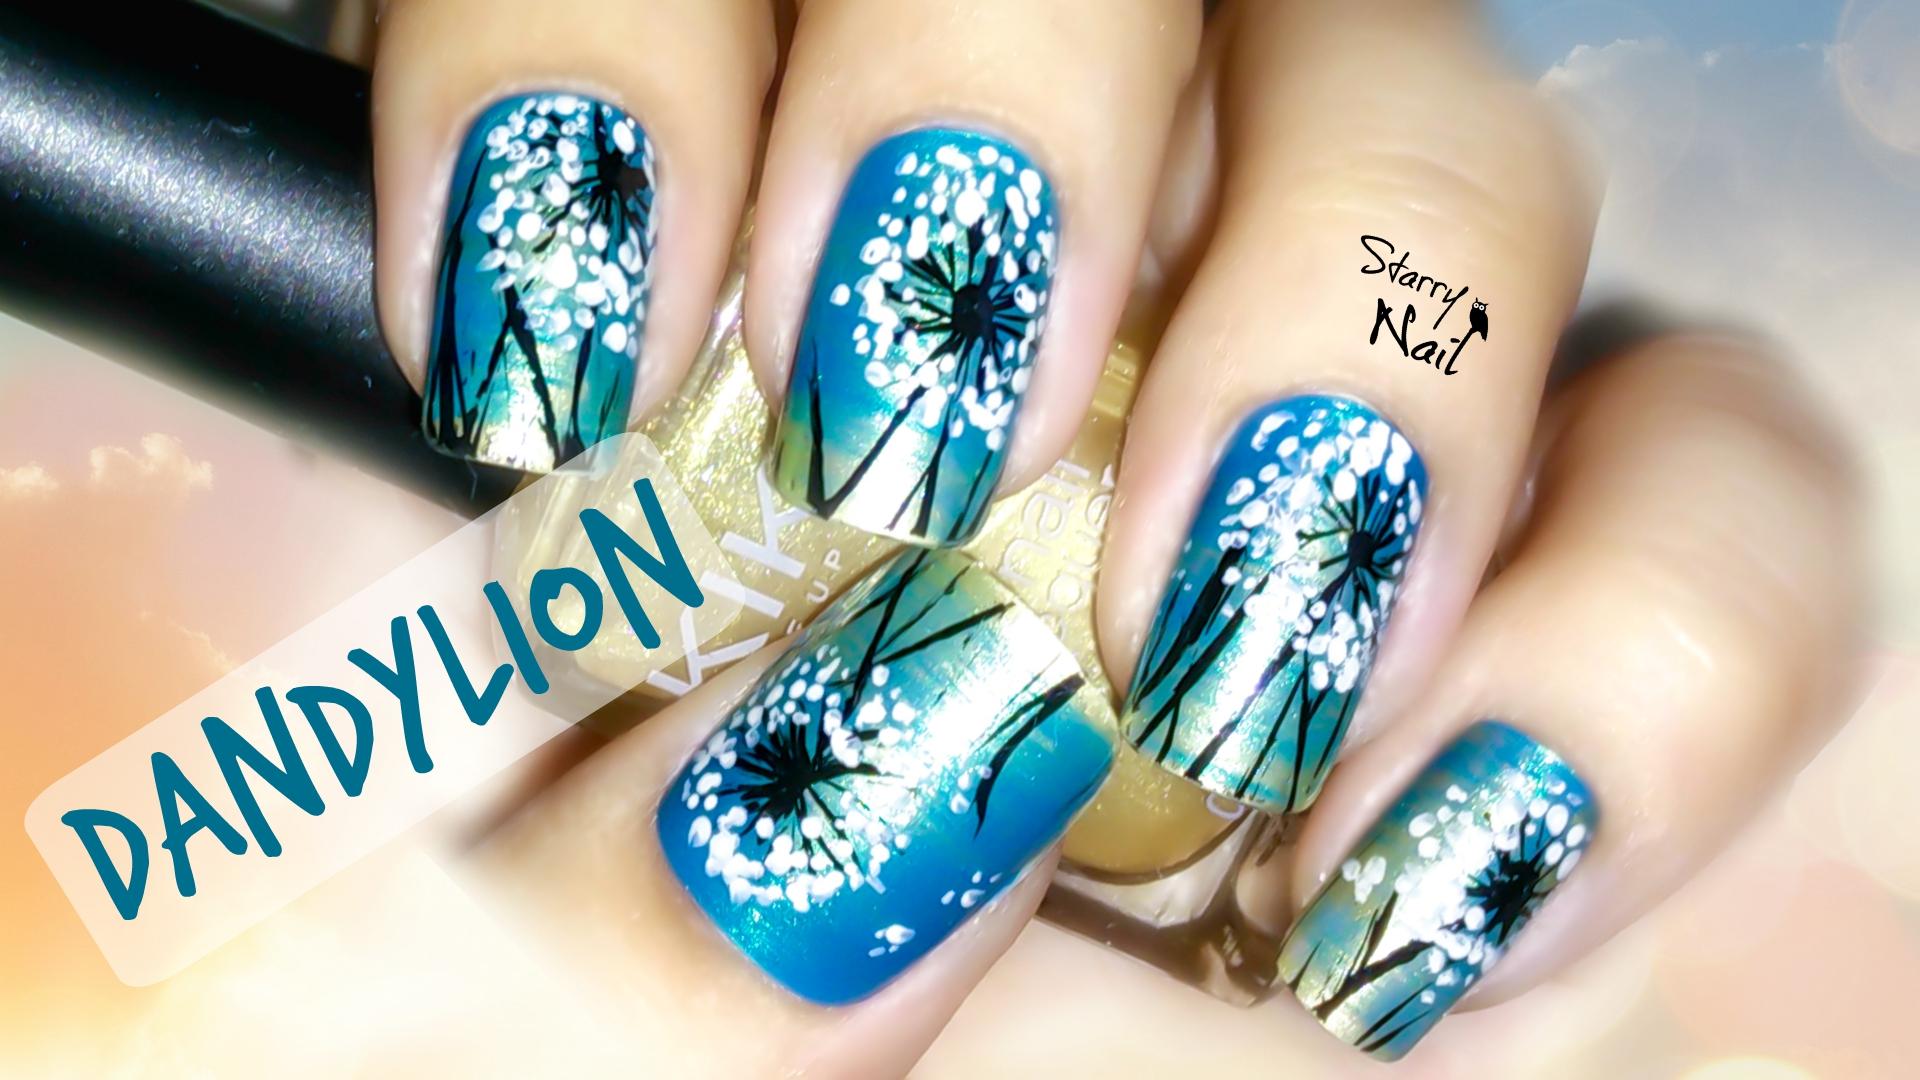 Dandylion Nail Art | StarryNail